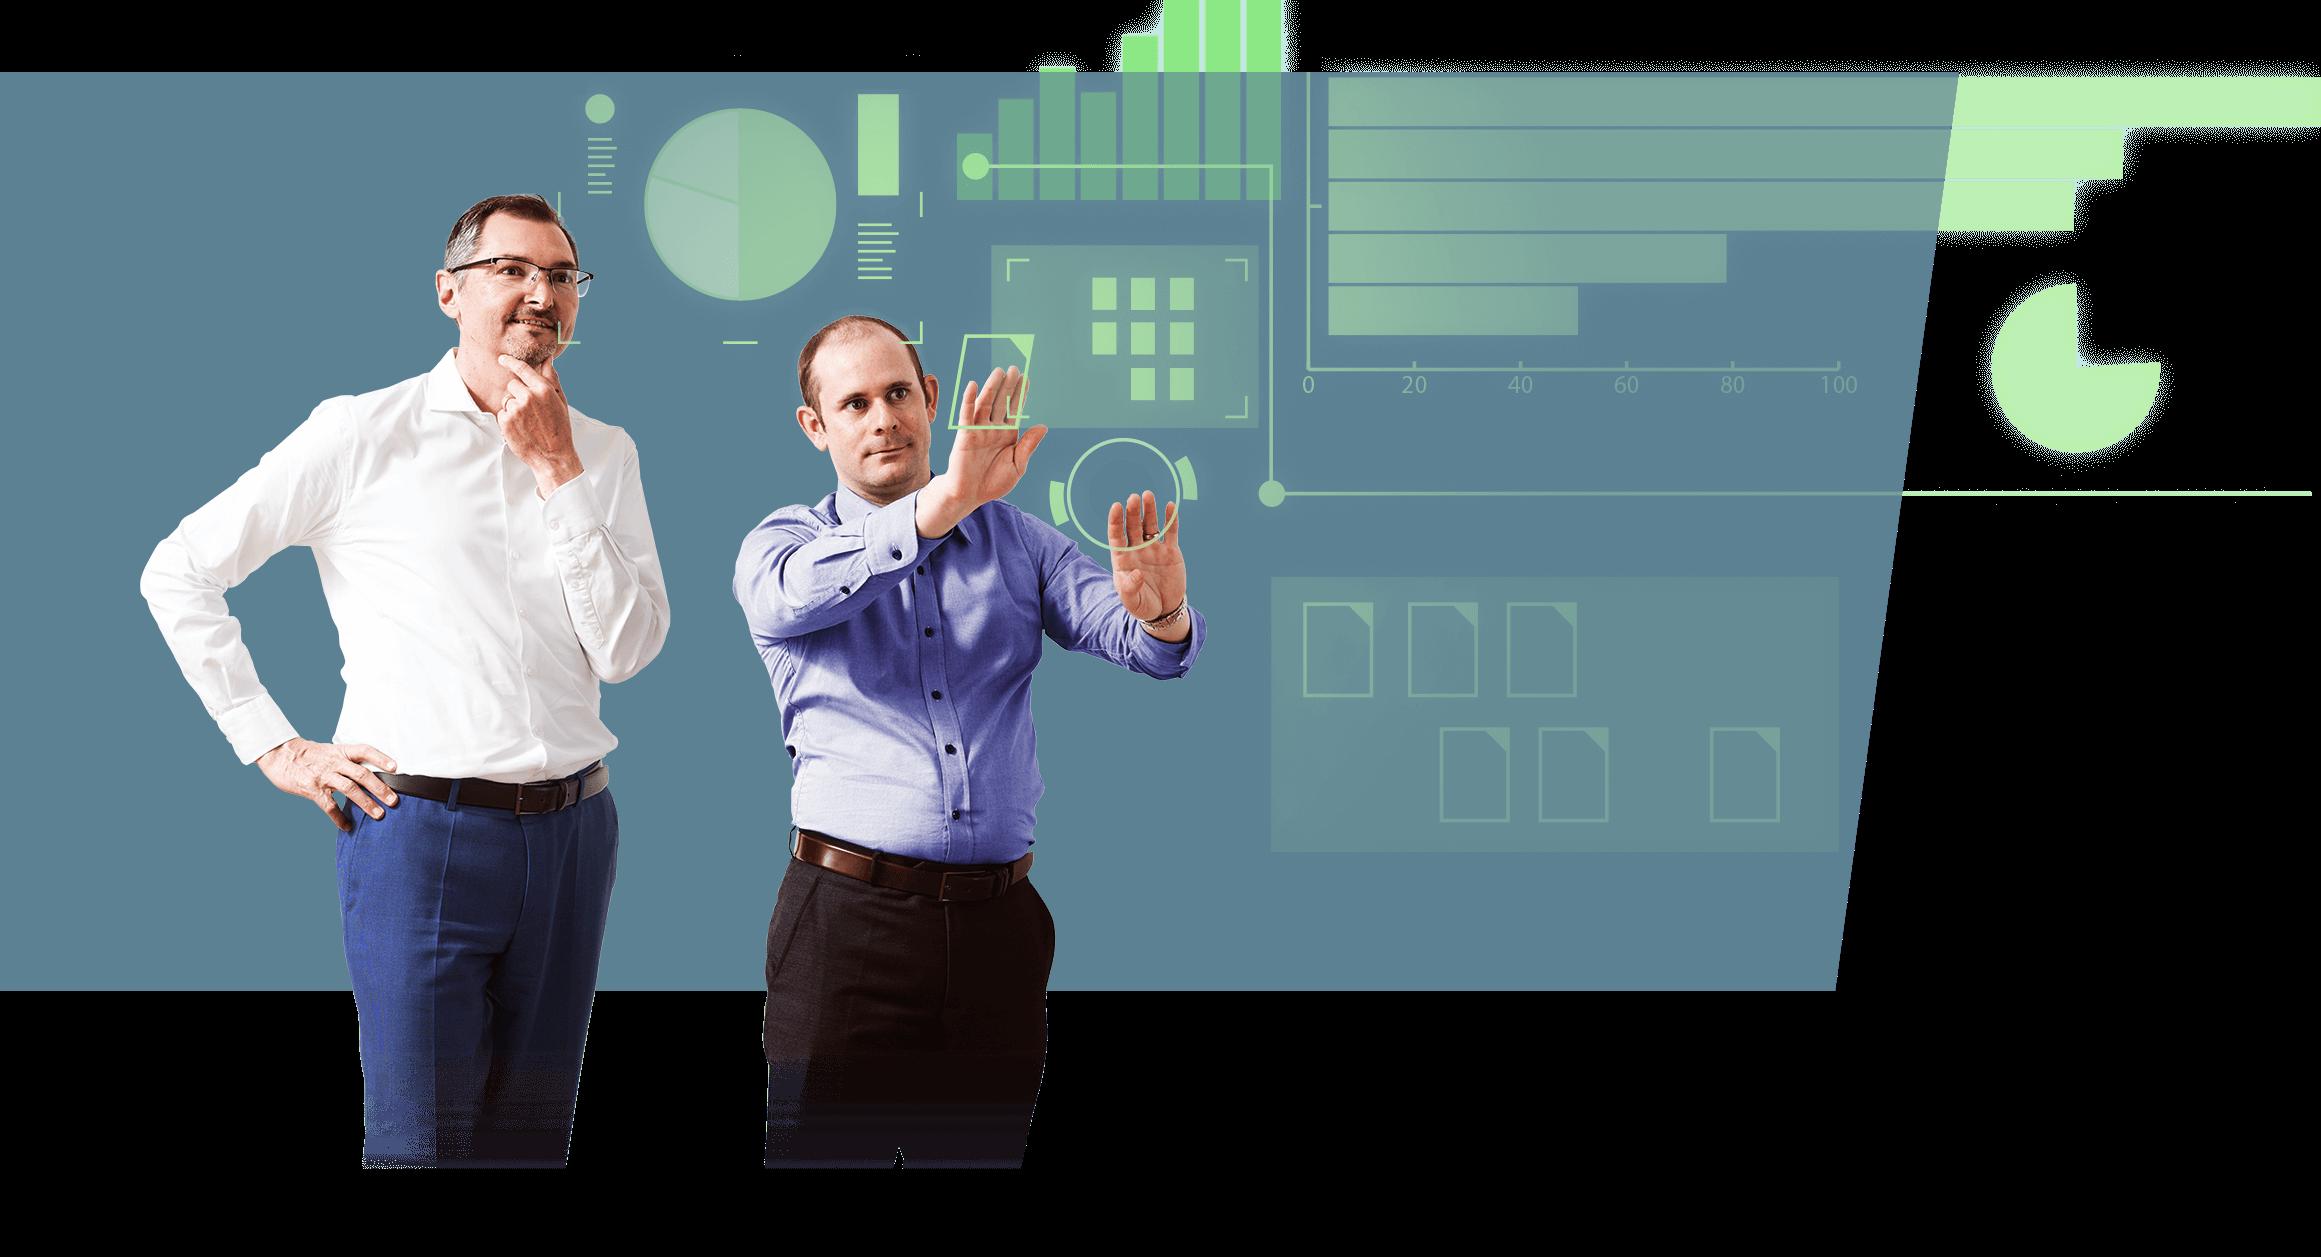 Nur mit qualitativ hochstehenden Daten ist ein optimale Digitalisierung und Automatisierung überhaupt möglich. Wir sorgen für die optimale Datenqualität bei der Transformation.